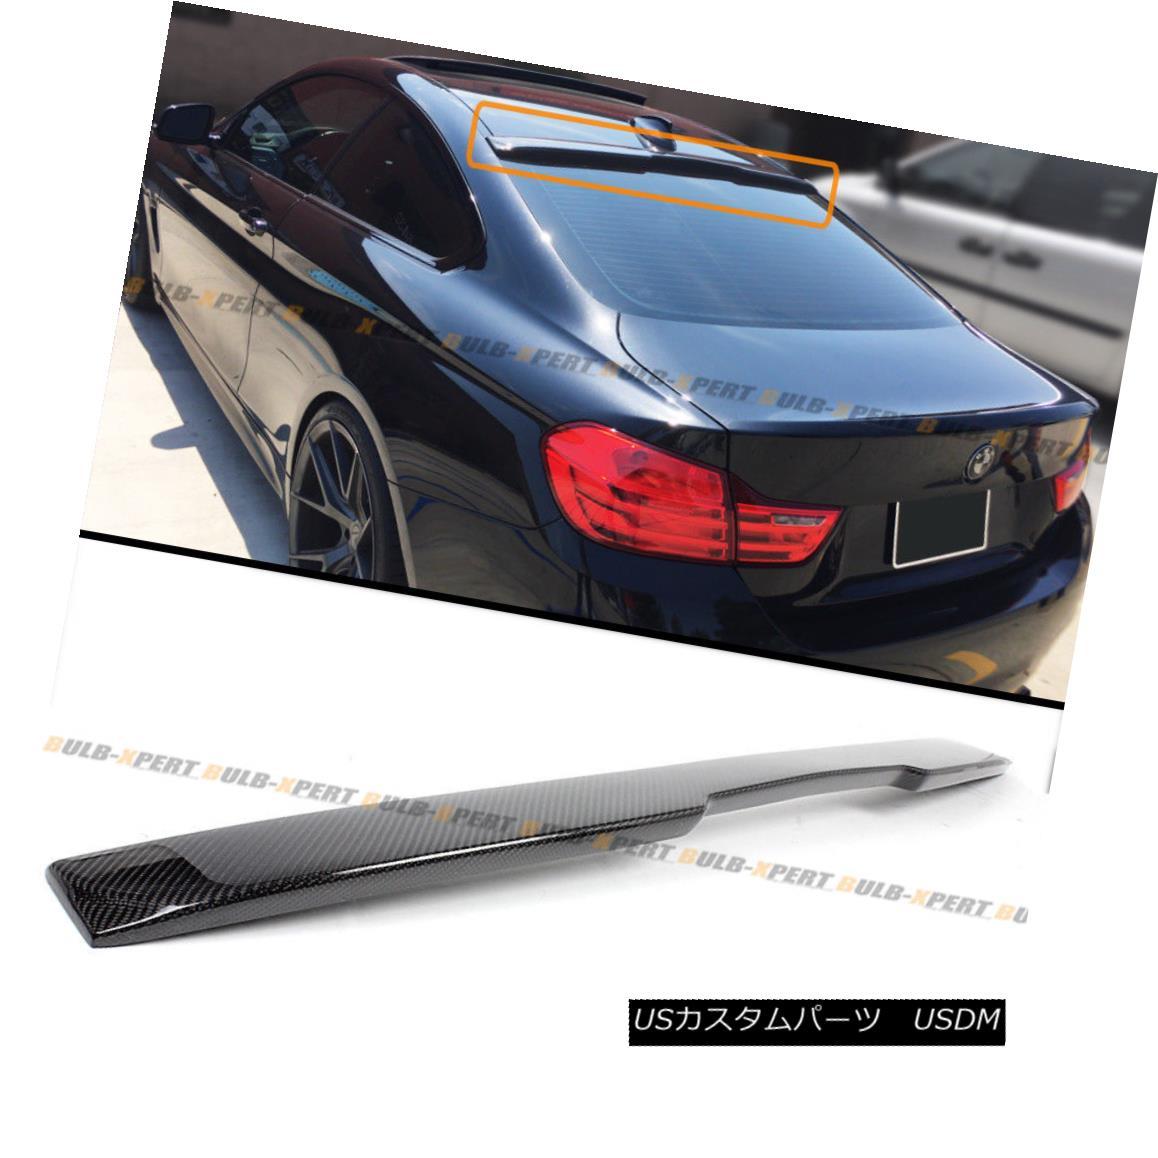 <title>車用品 バイク用品 >> パーツ 外装 エアロパーツ リアスポイラー FOR 2014-18 BMW F32 428i 435i 4 SERIES COUPE CARBON 上品 FIBER REAR ROOF SPOILER WING 4シリーズカーボンカーボンファイバーリアルーフスポイラーウイング</title>